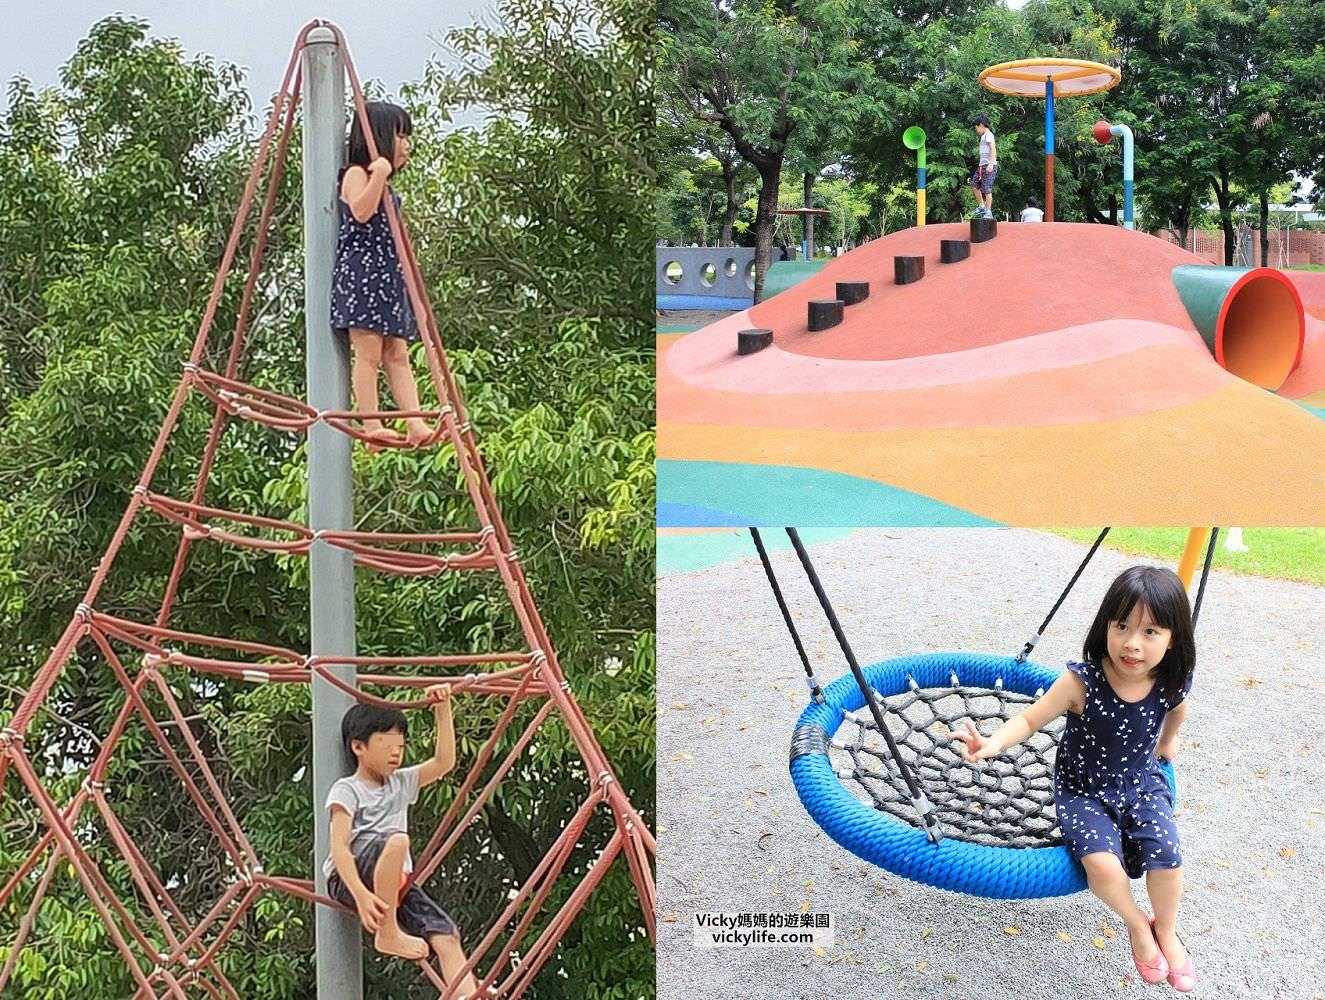 高雄親子景點︱蓮池潭特色公園:彩色水管山丘、鳥巢鞦韆、沙坑、攀爬繩索網等,趕快來繽紛一夏